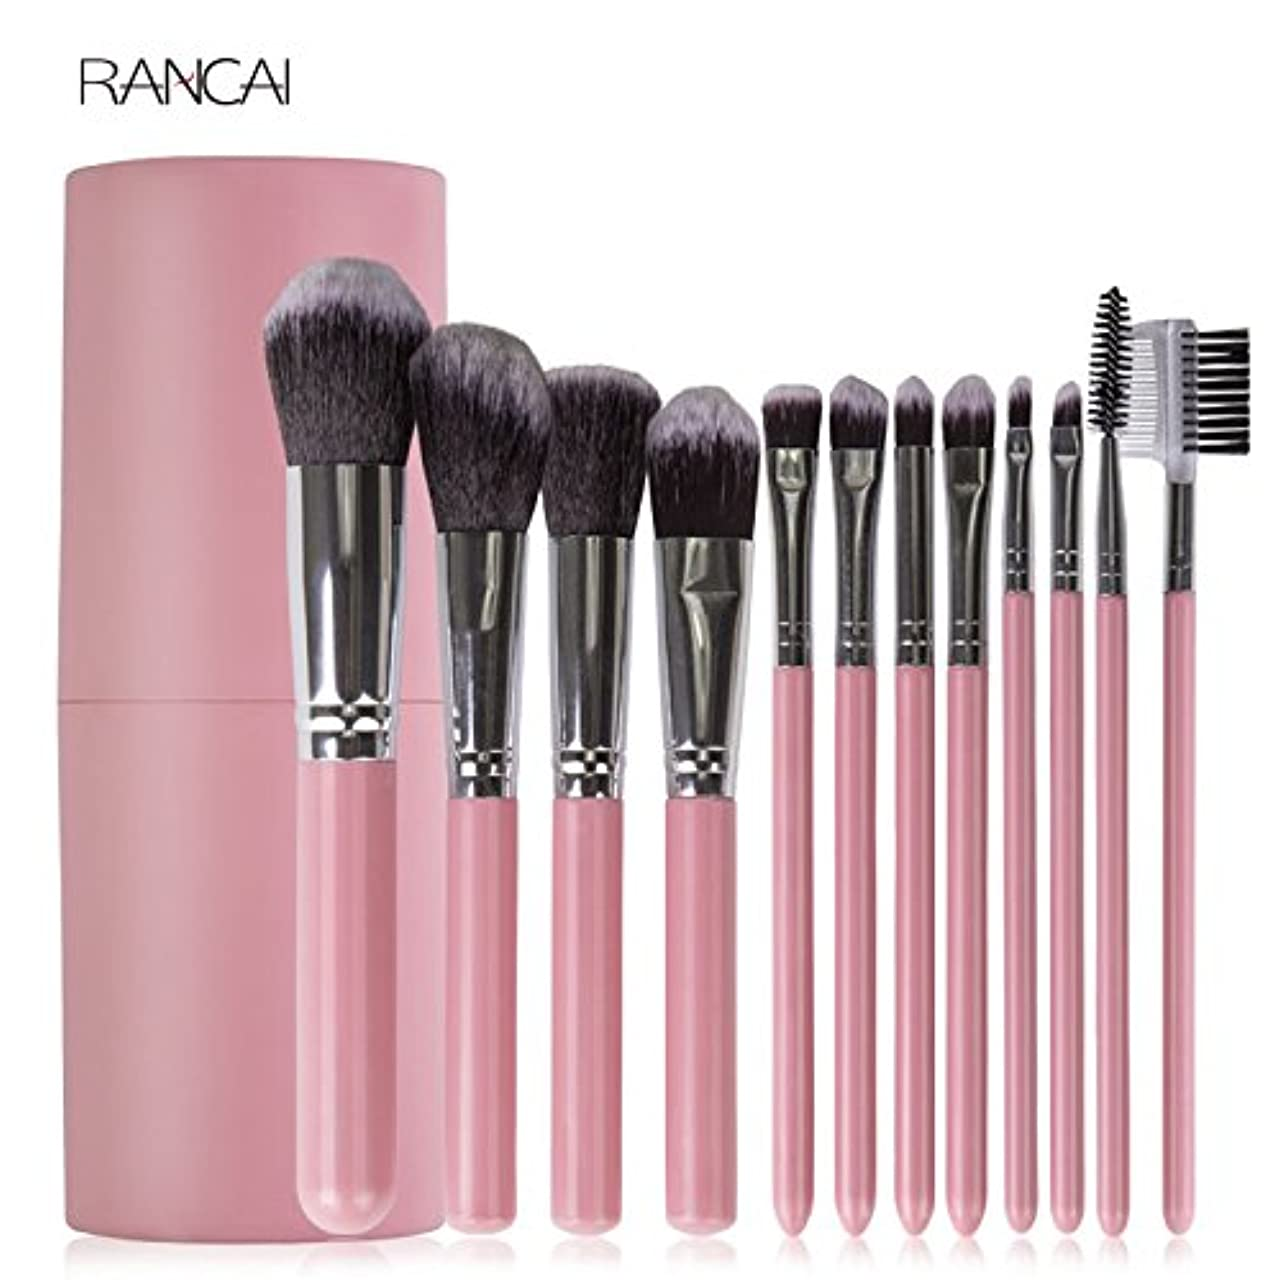 発表するライター金曜日12pcs Pink Makeup Brushes Set Face Powder Foundation Contour Blush Eyebrow Brush & Comb Pincel Maquiagem with Cylinder Case